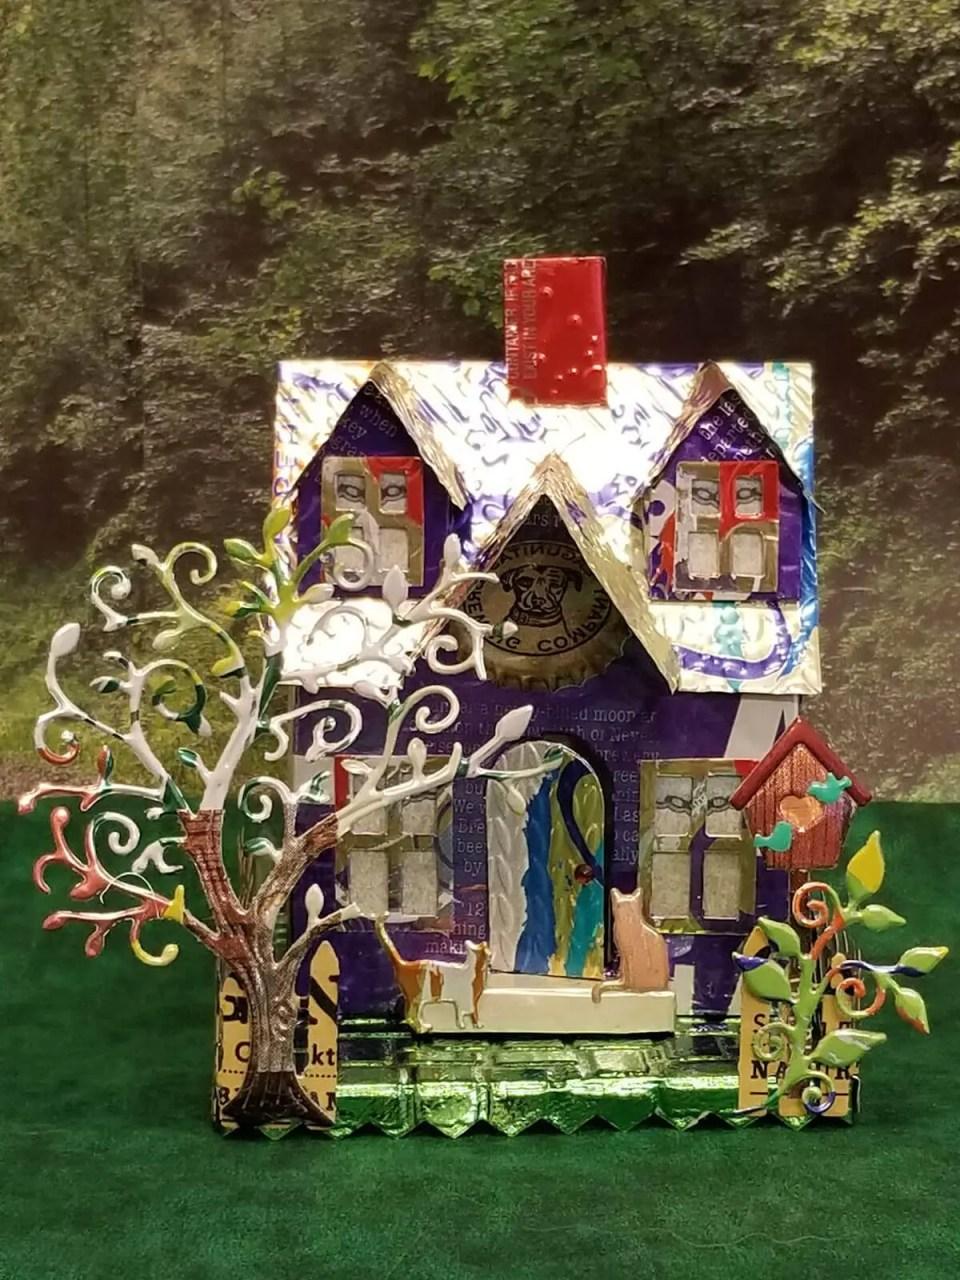 Cape Cod House #3 aluminum can house